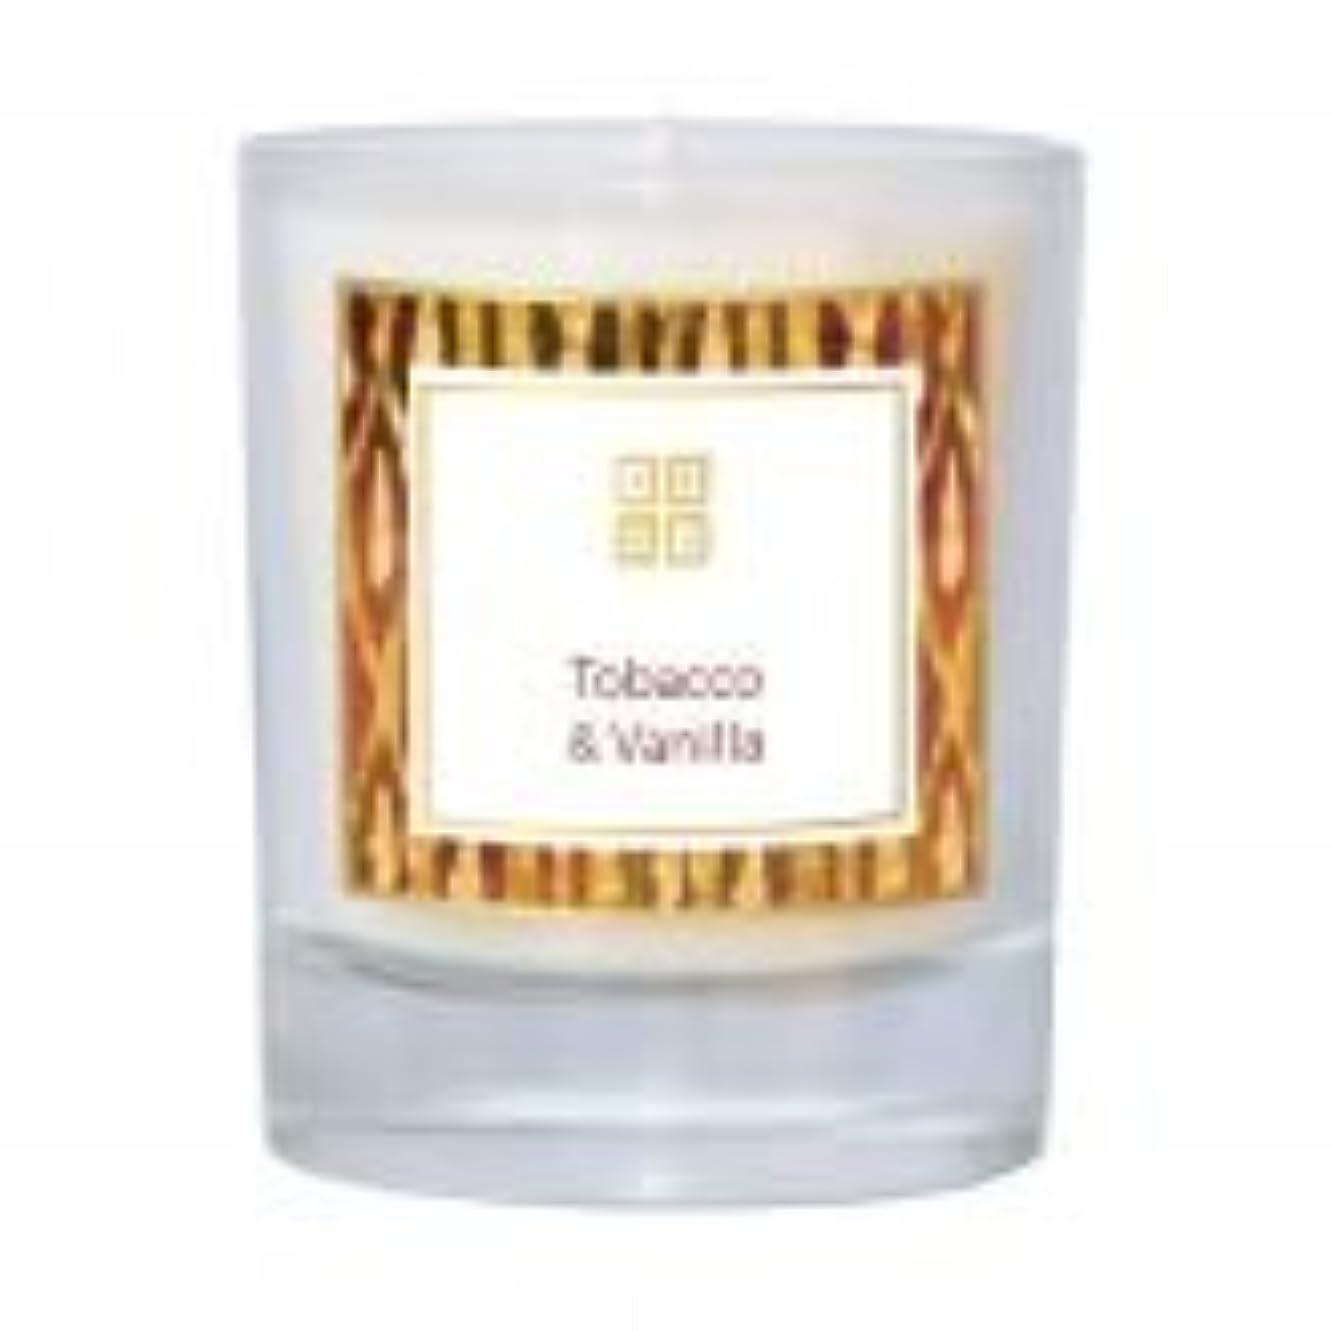 使い込むしおれたとんでもないTobacco &バニラ香りのキャンドル 7 oz ホワイト 502-08851